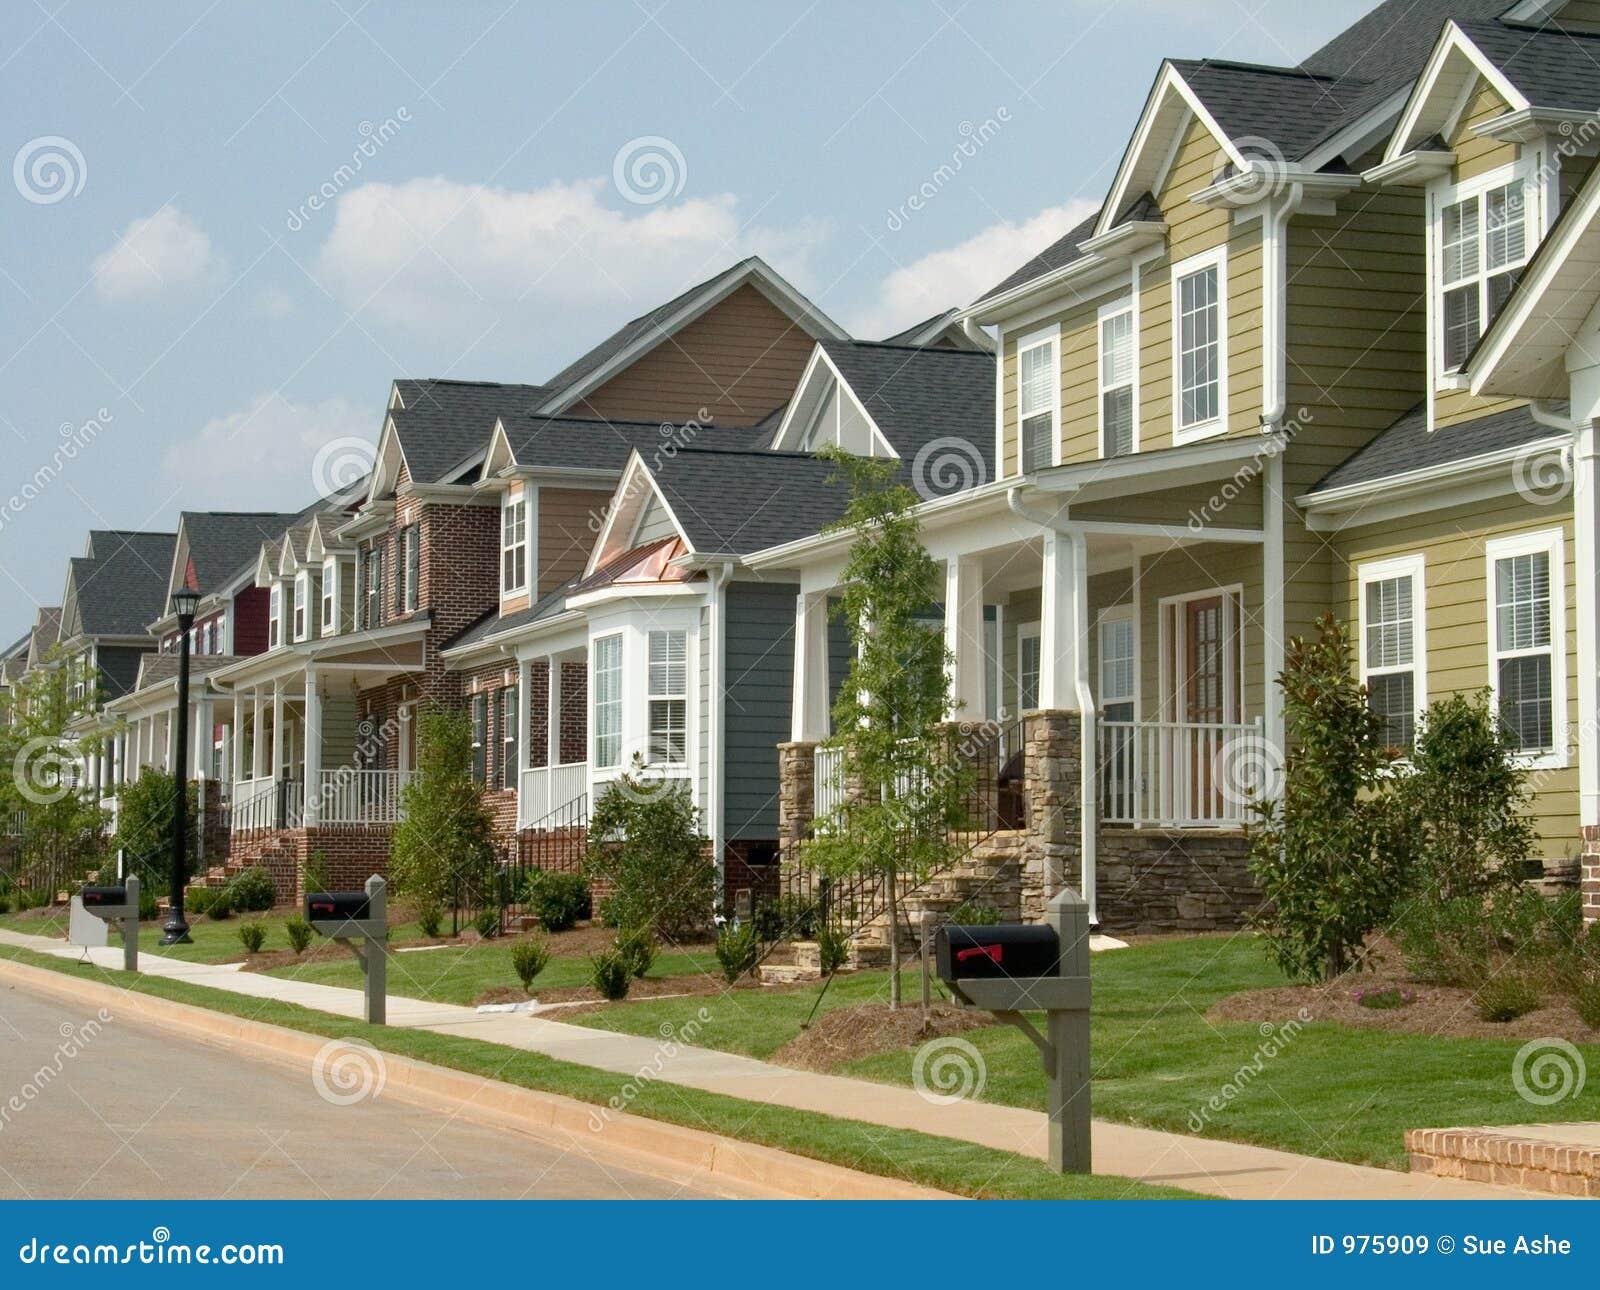 Canadian Real Estate Website Design